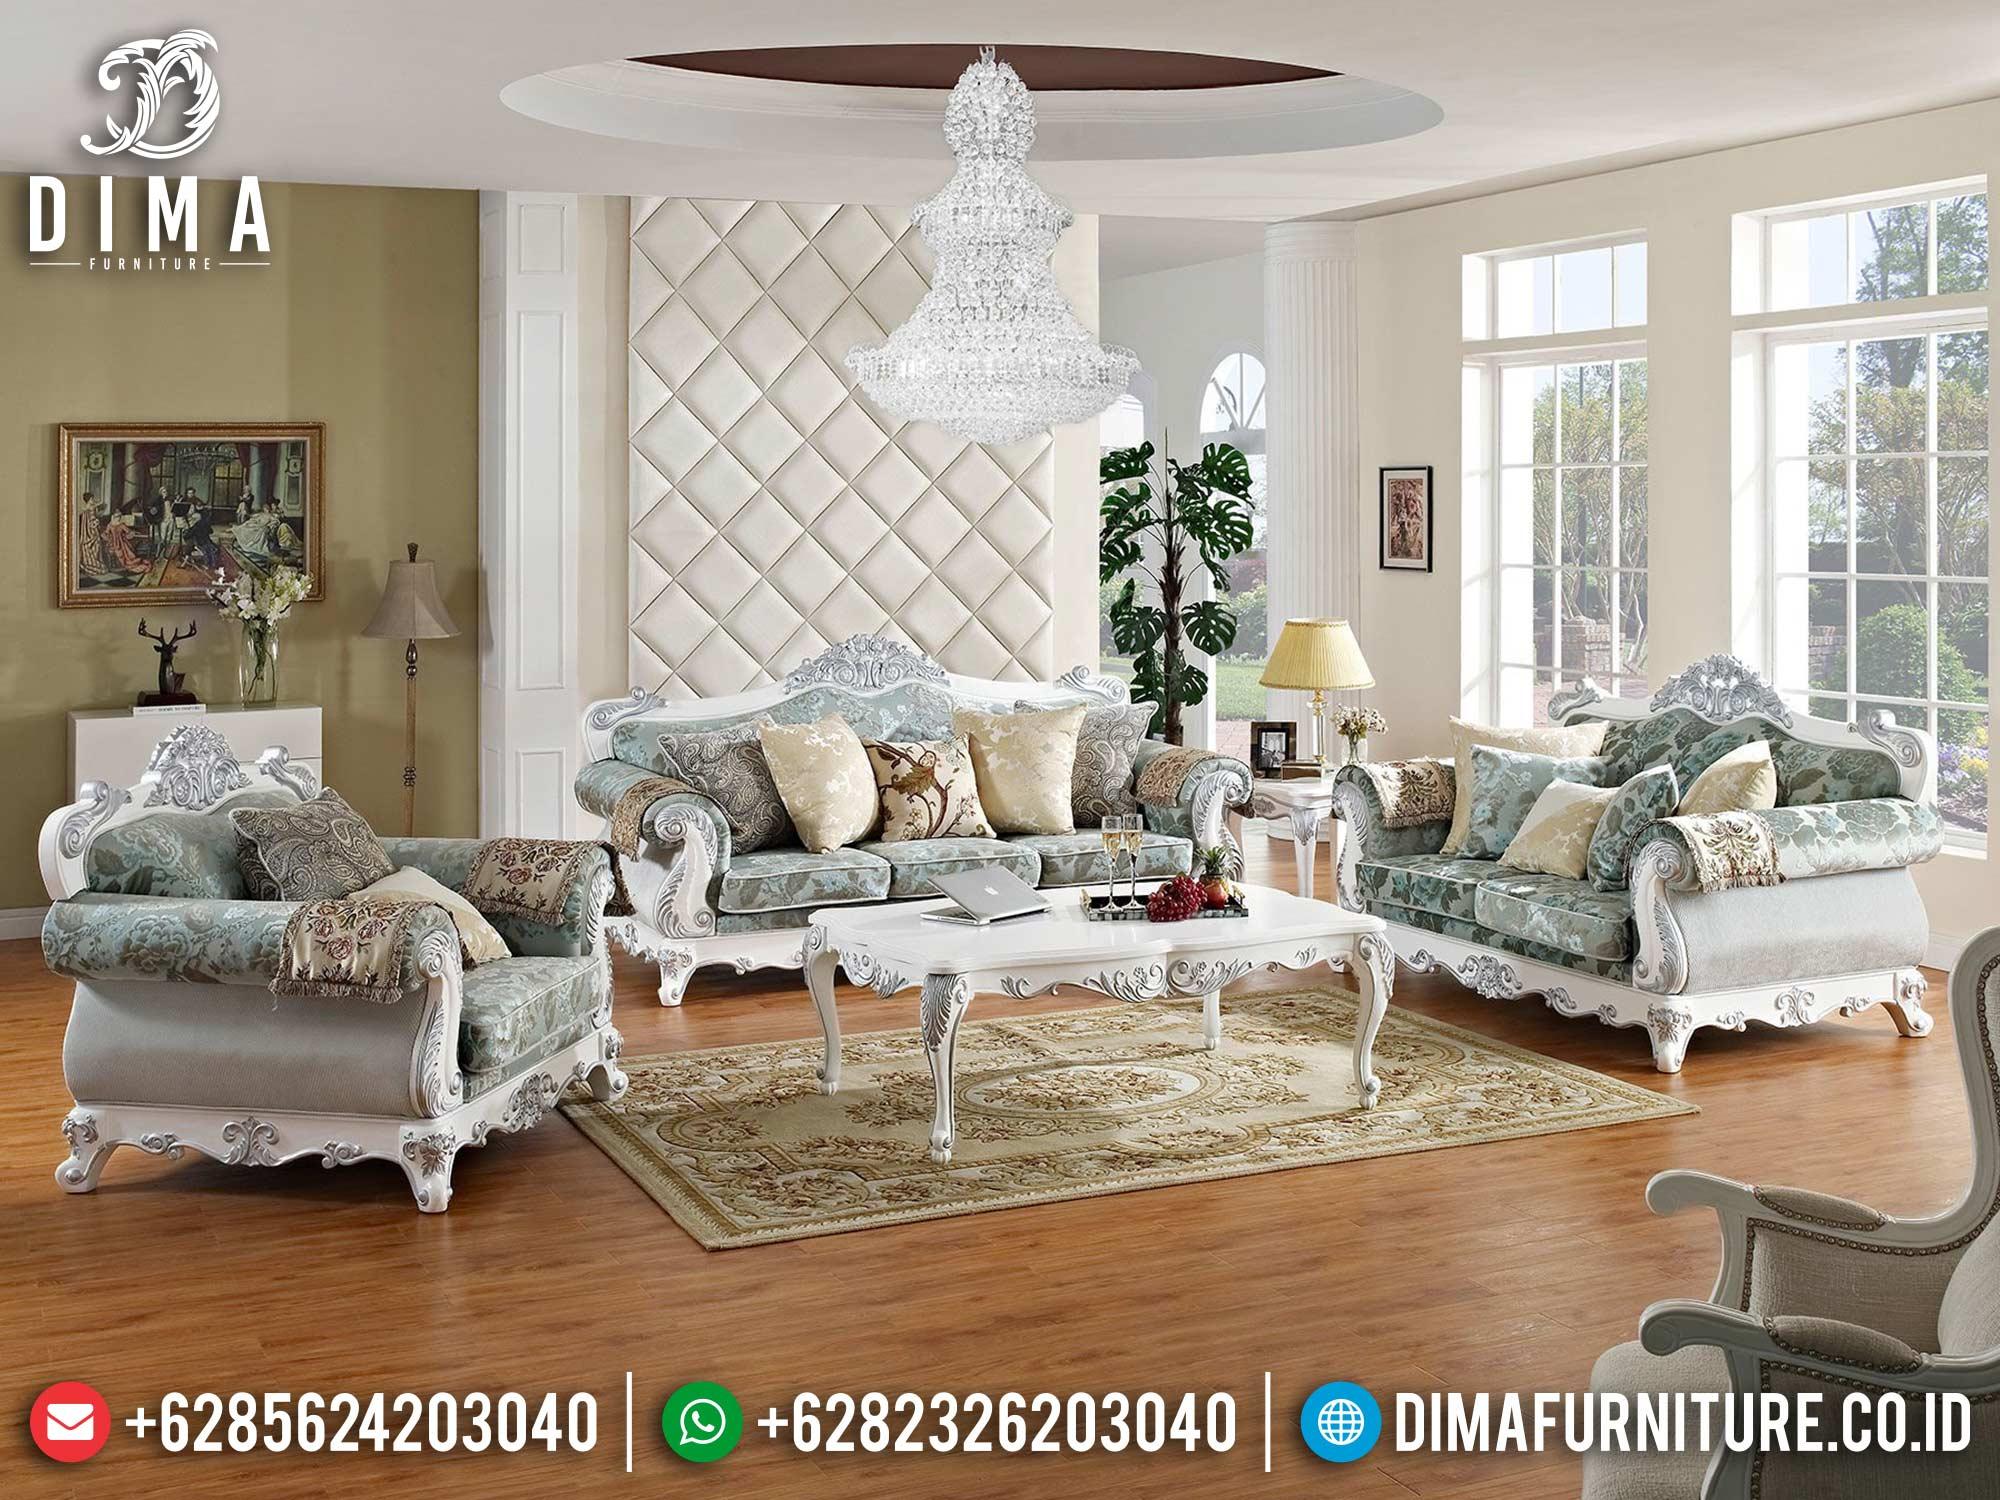 Terbaru Jual Sofa Tamu Mewah Jepara Duco Putih Silver China Models DF-1493